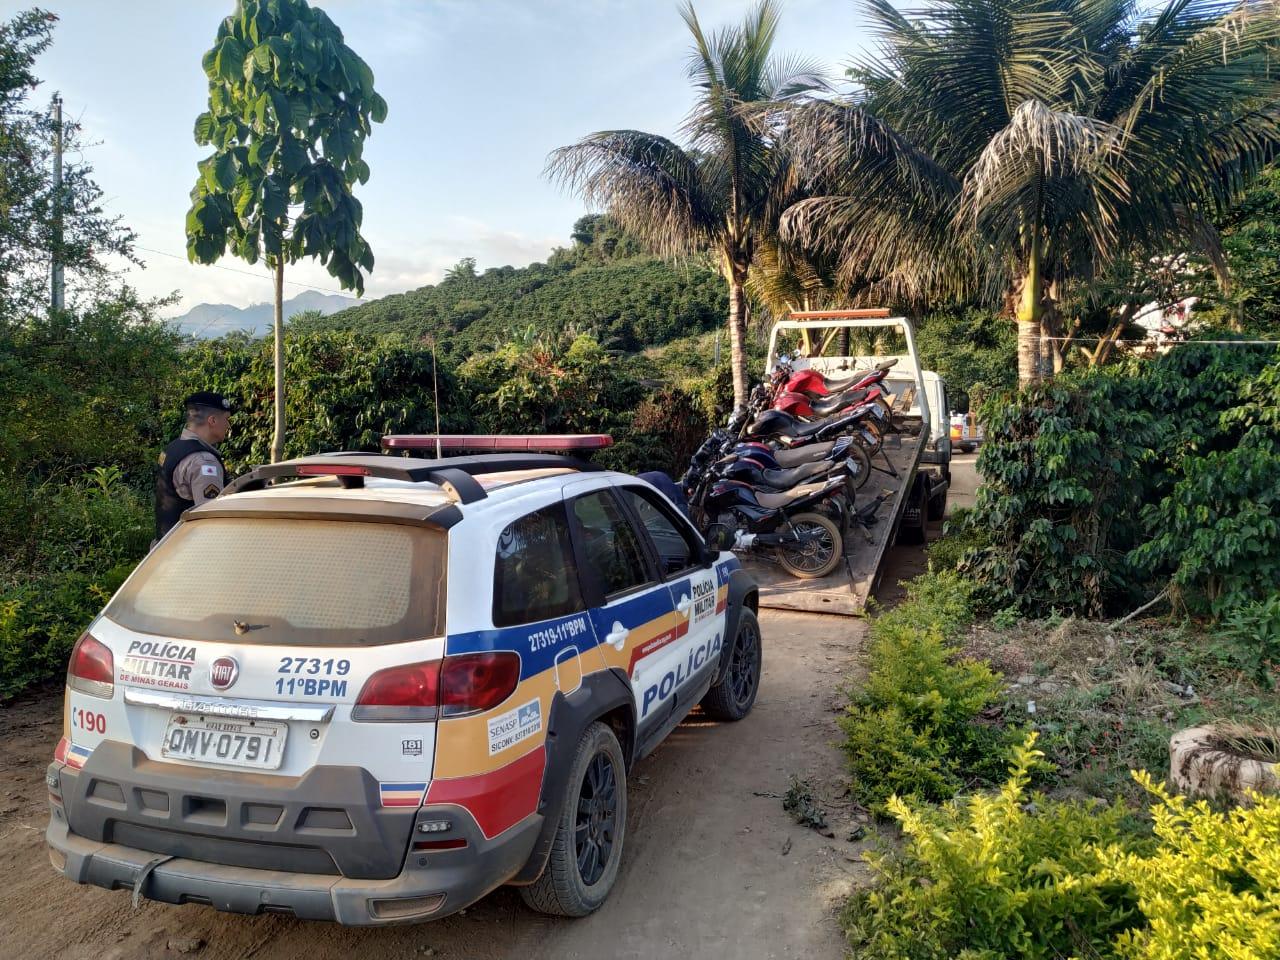 Polícia Militar prende 06 condutores e apreende 06 motos por crime de trânsito no loteamento Villareal em Vilanova.